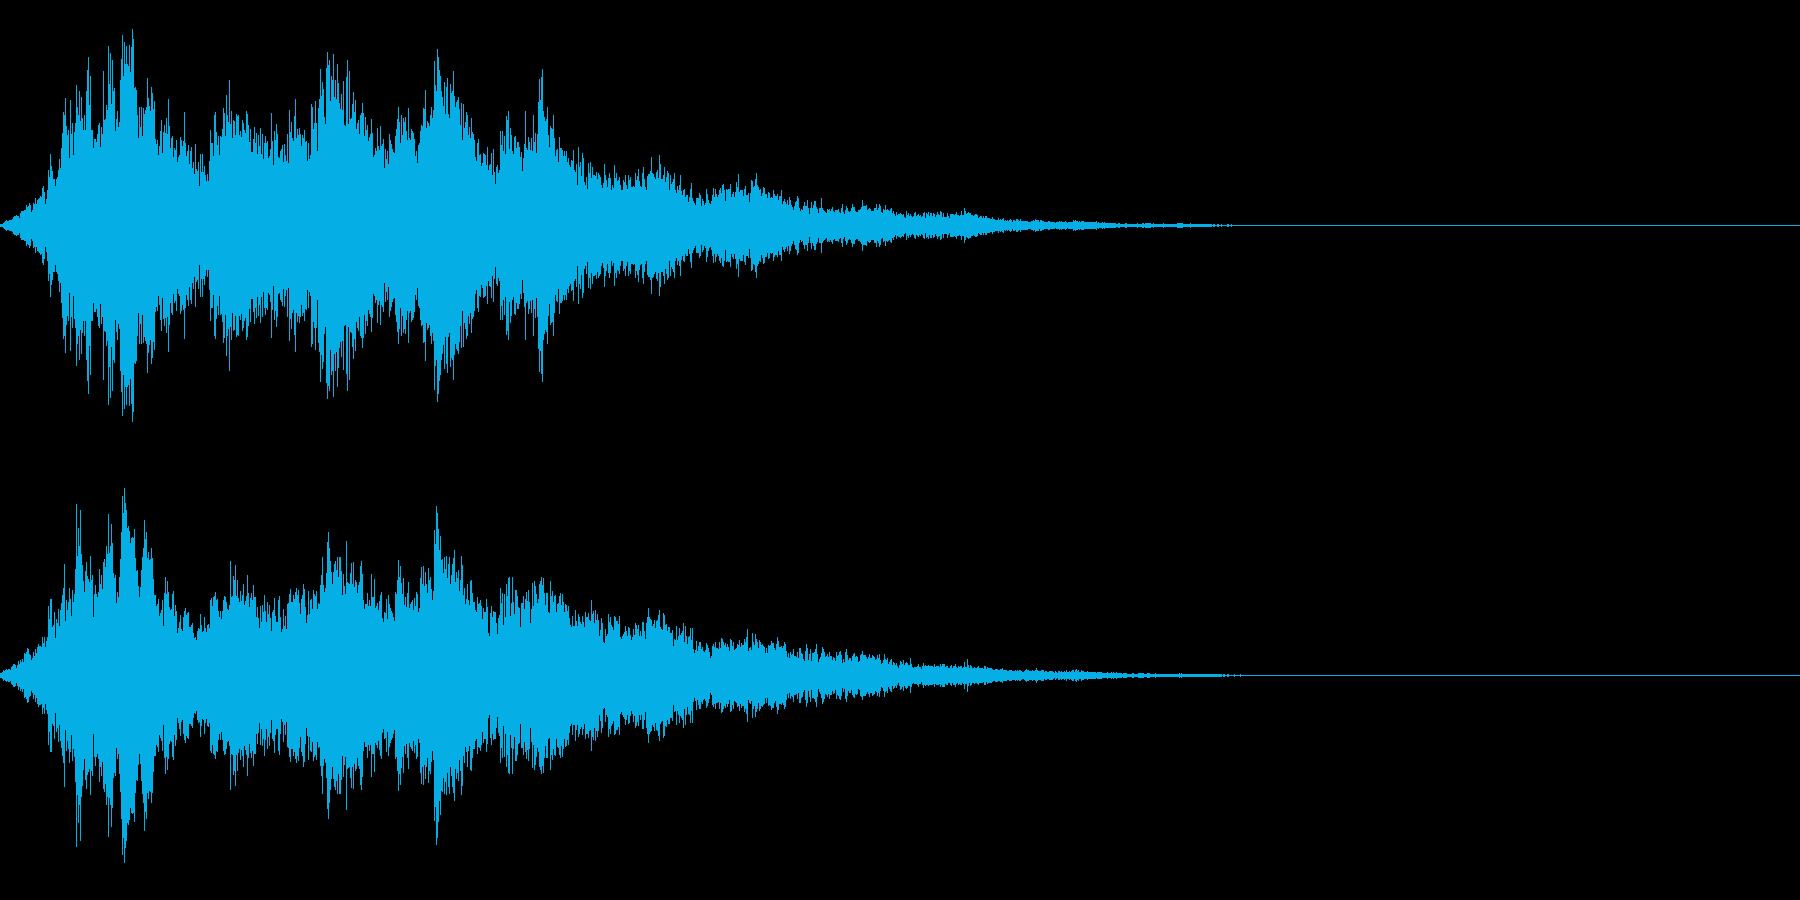 キラキラ☆シャキーン(輝きや魔法等)6bの再生済みの波形